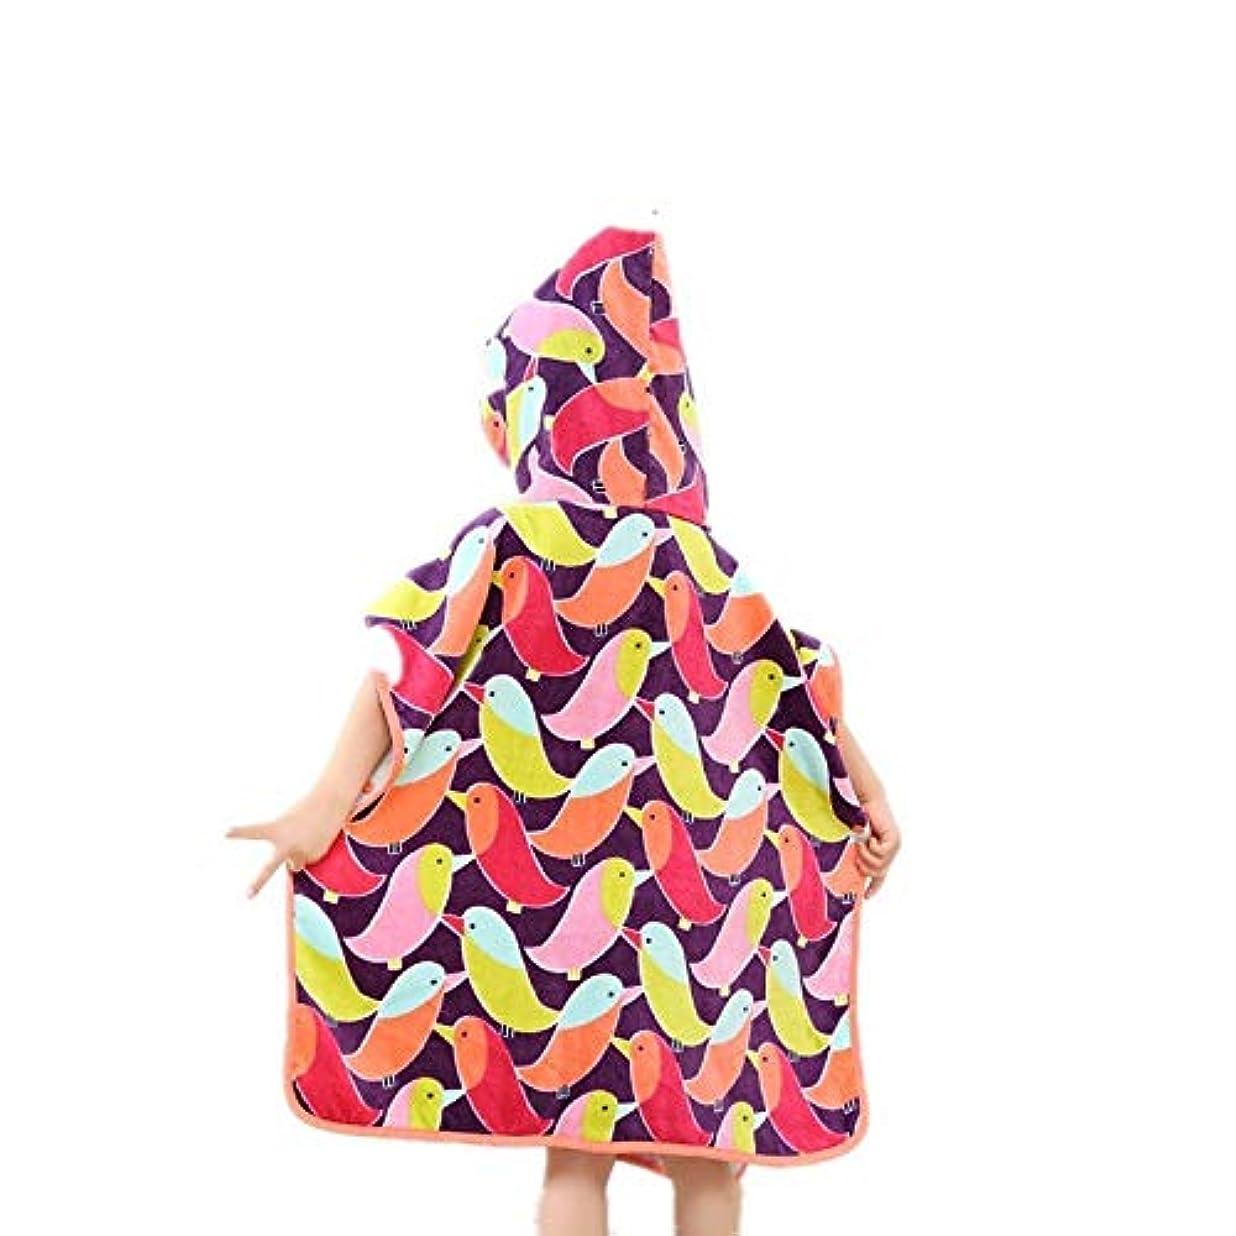 はさみバーチャルと組むキッズ/幼児タオル - 綿100% - キッズバスタオルビーチタオルプールスイミングカバーアップなどに使用 - すべての季節のための超通気性とソフト - 60 cm (Color : Multi-colored)